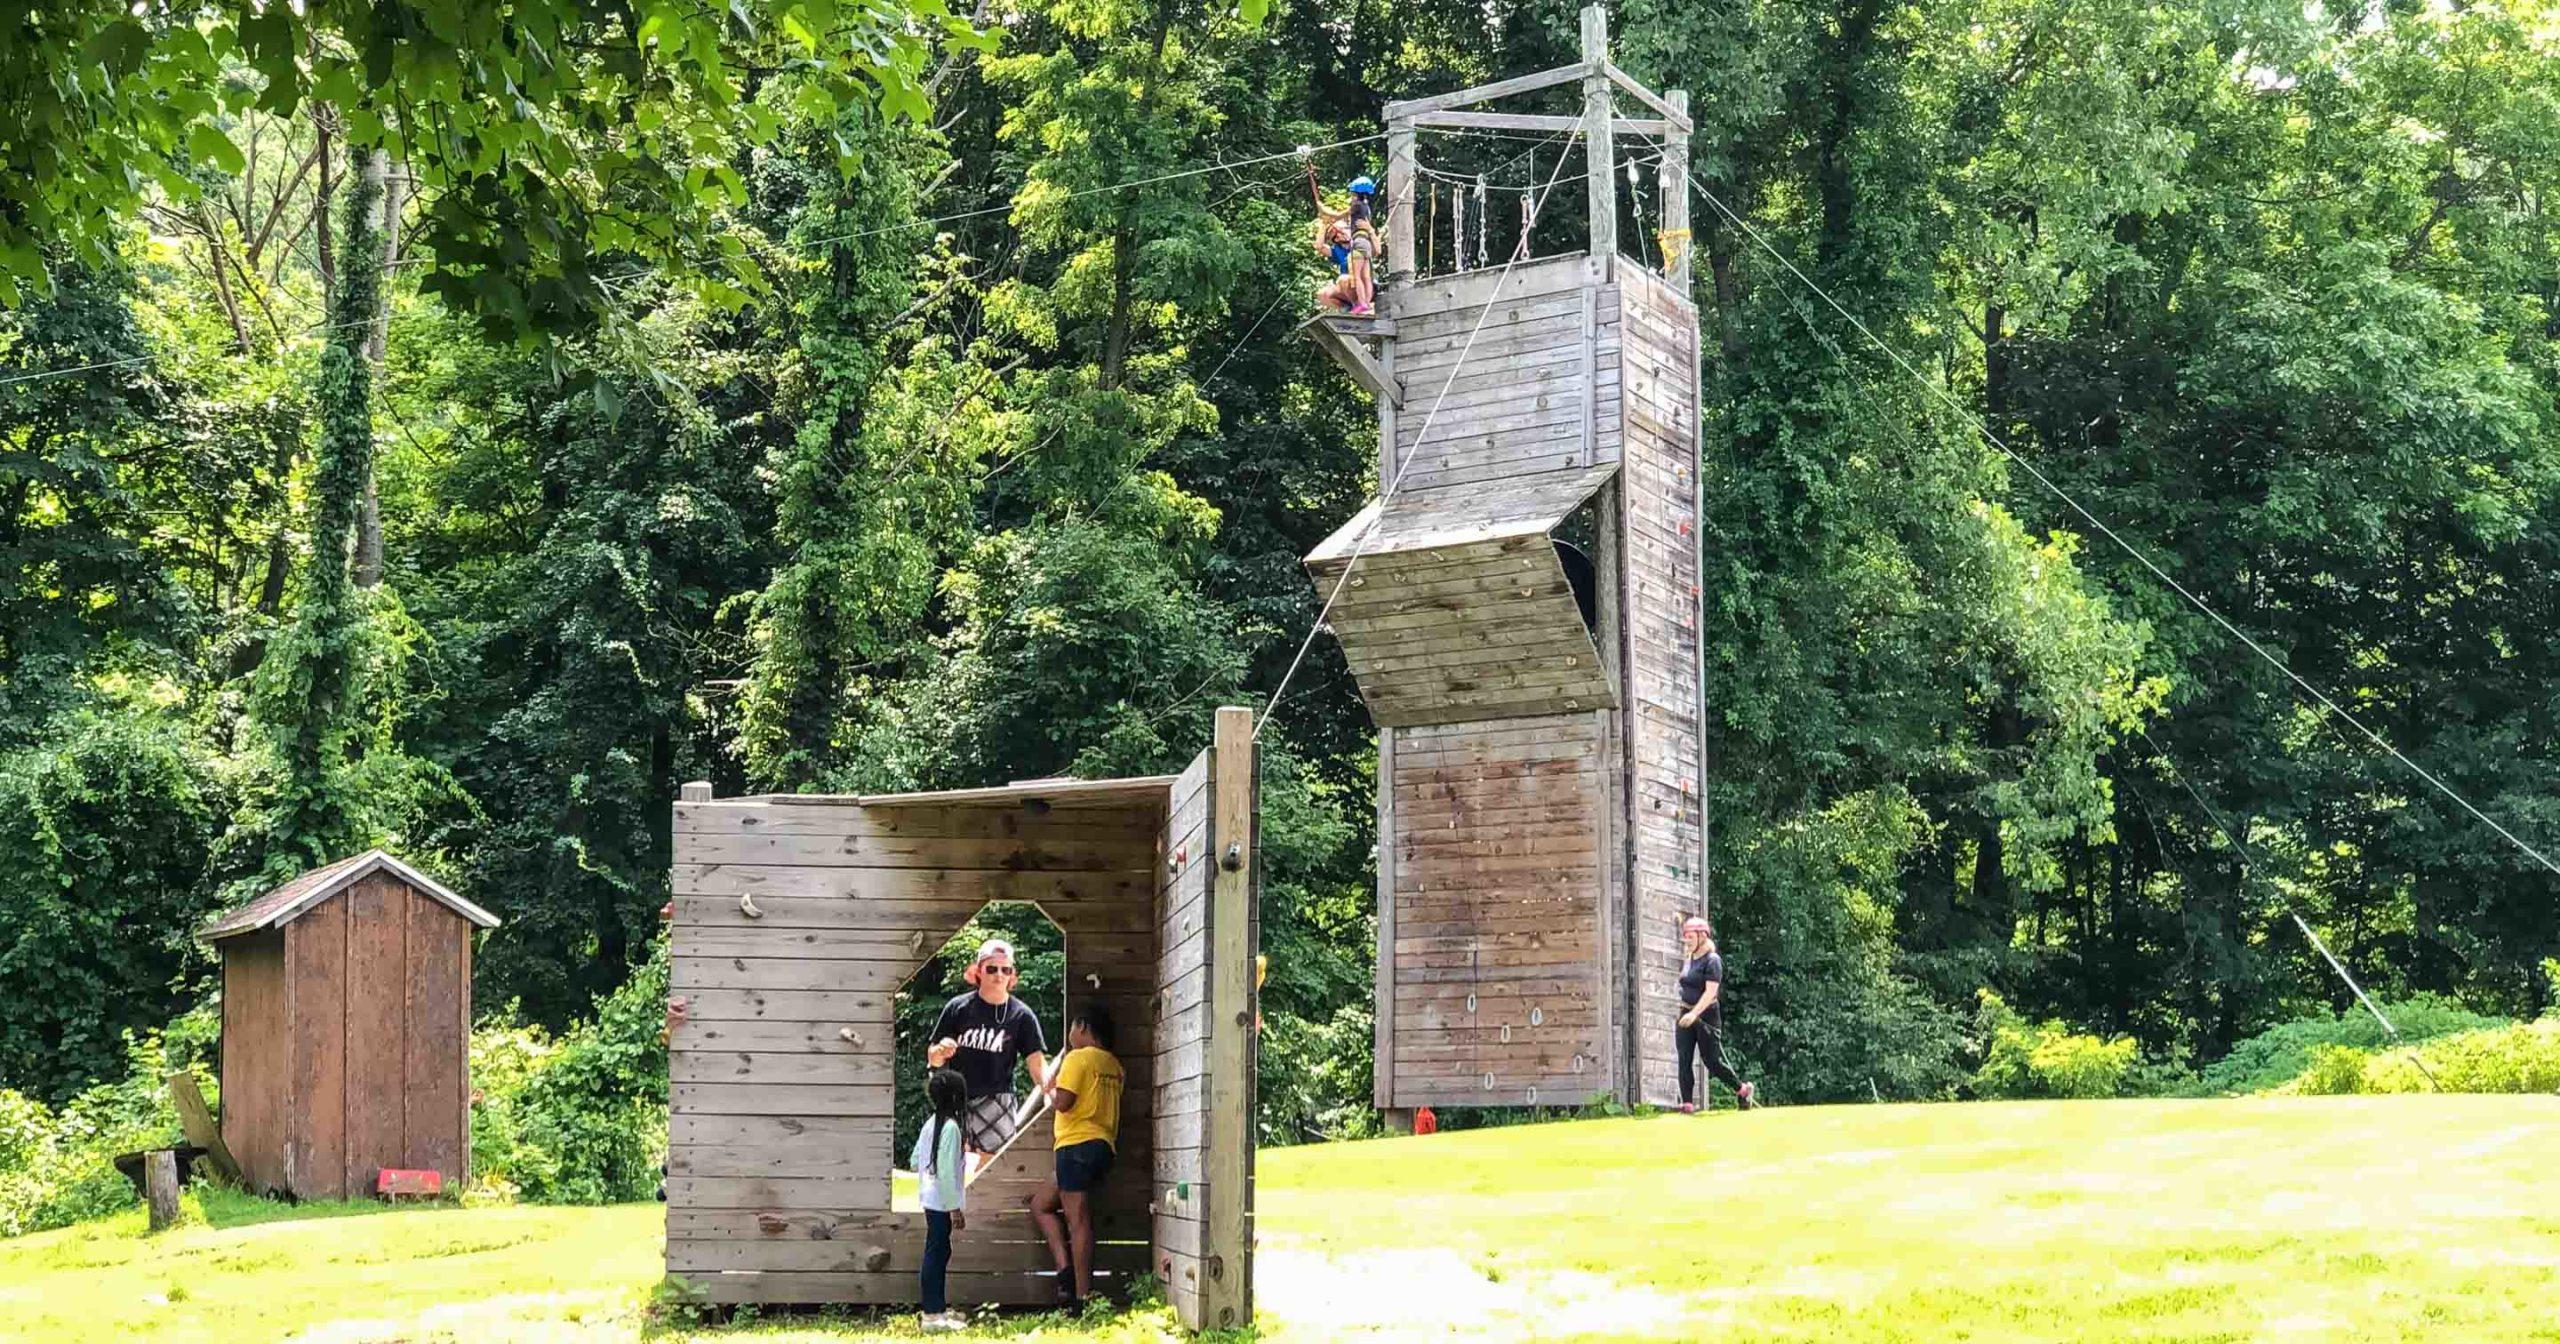 Climbing tower at Wilbur Herrlich